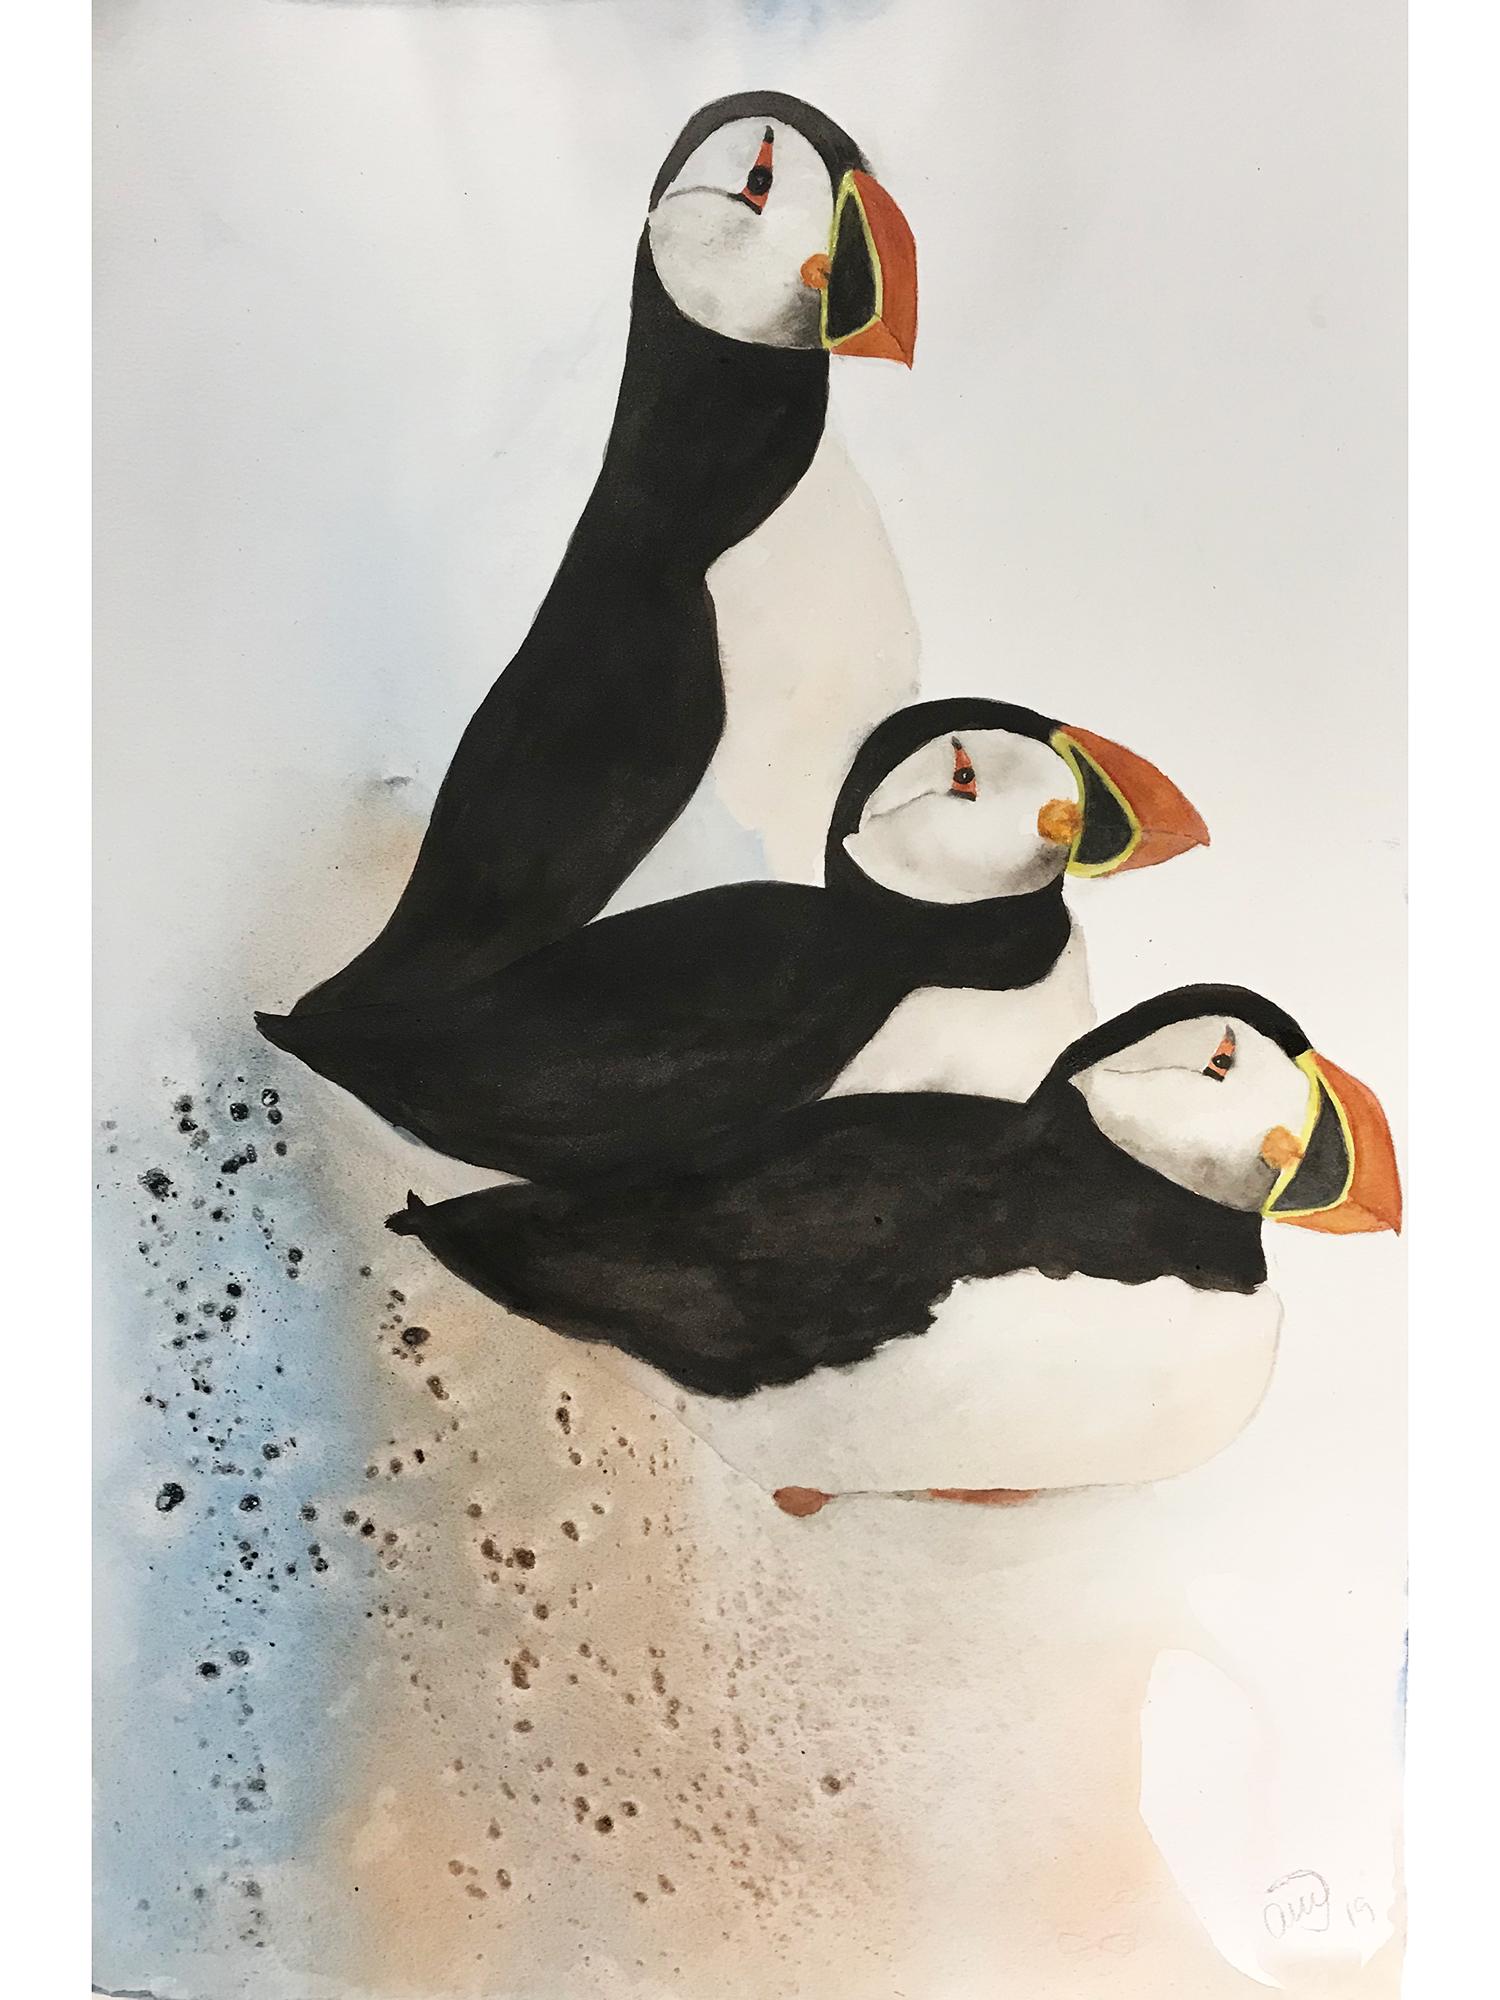 Akvarel på baggrund af sand og lim, indrammet 50x70 cm